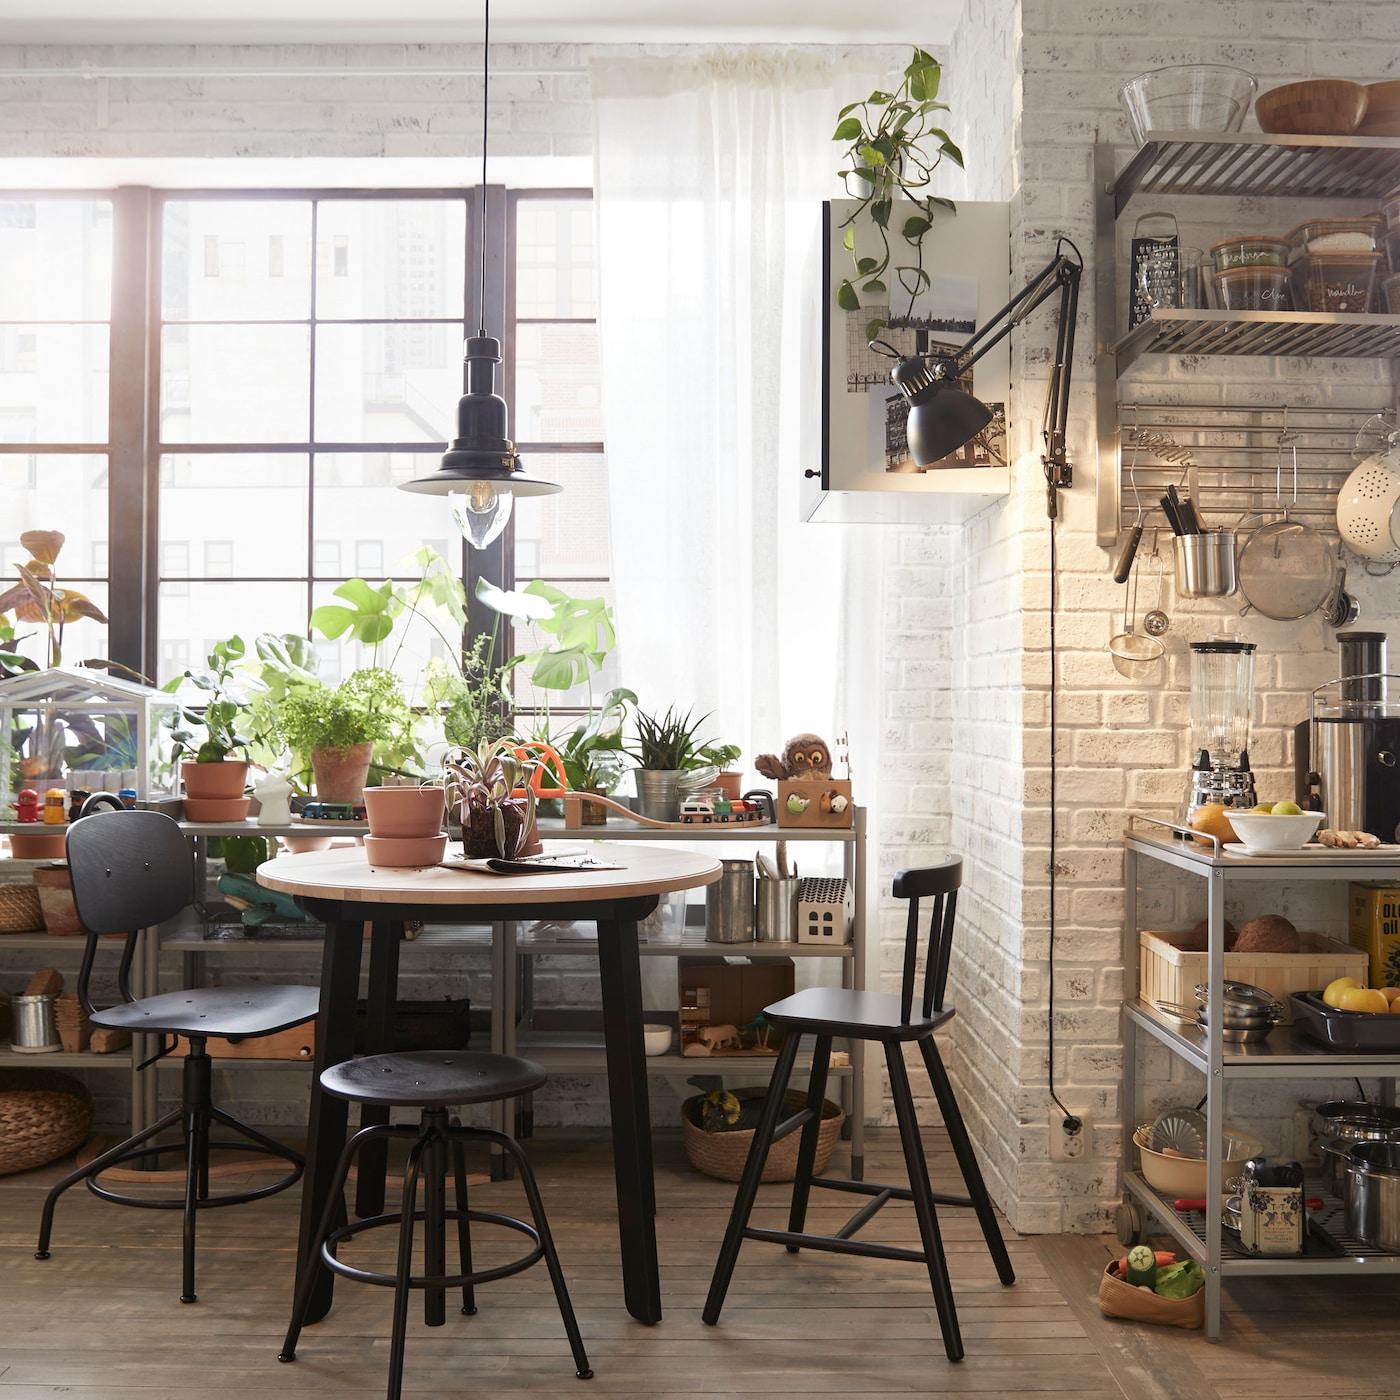 IKEA GAMLARED Tisch Antikbeize Hell/schwarz Gebeizt Hat Schwarze Beine Und  Eine Runde Tischplatte Mit